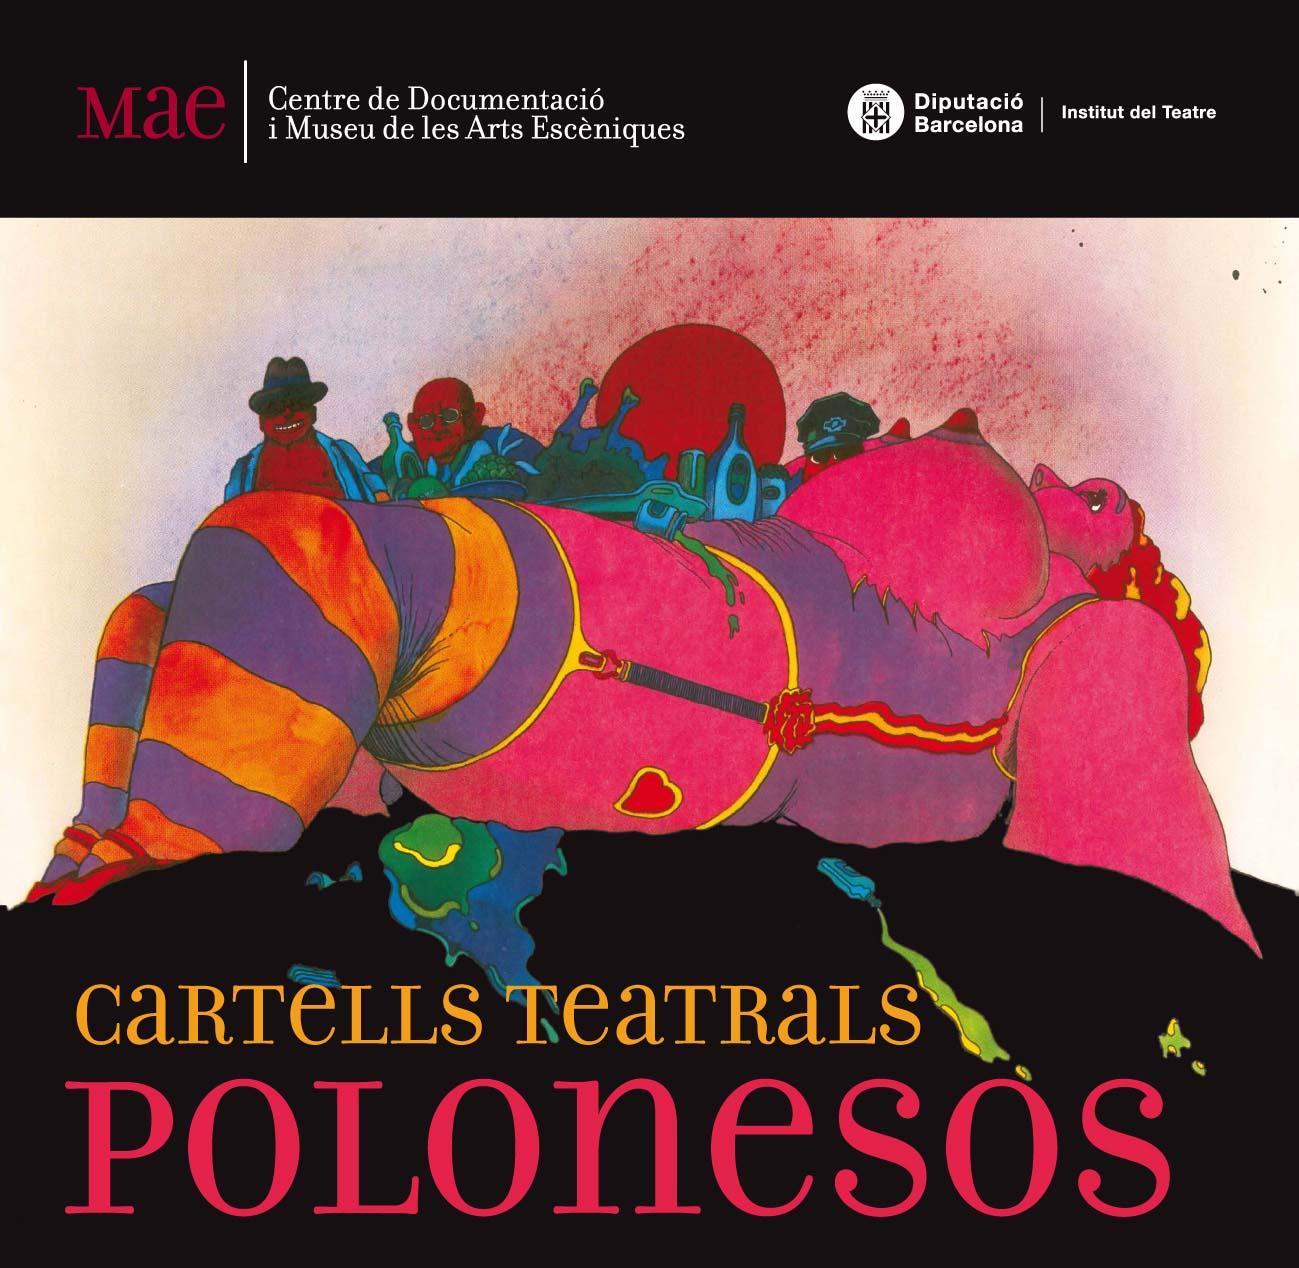 Cartell de l'exposició itinerant Cartells teatrals polonesos